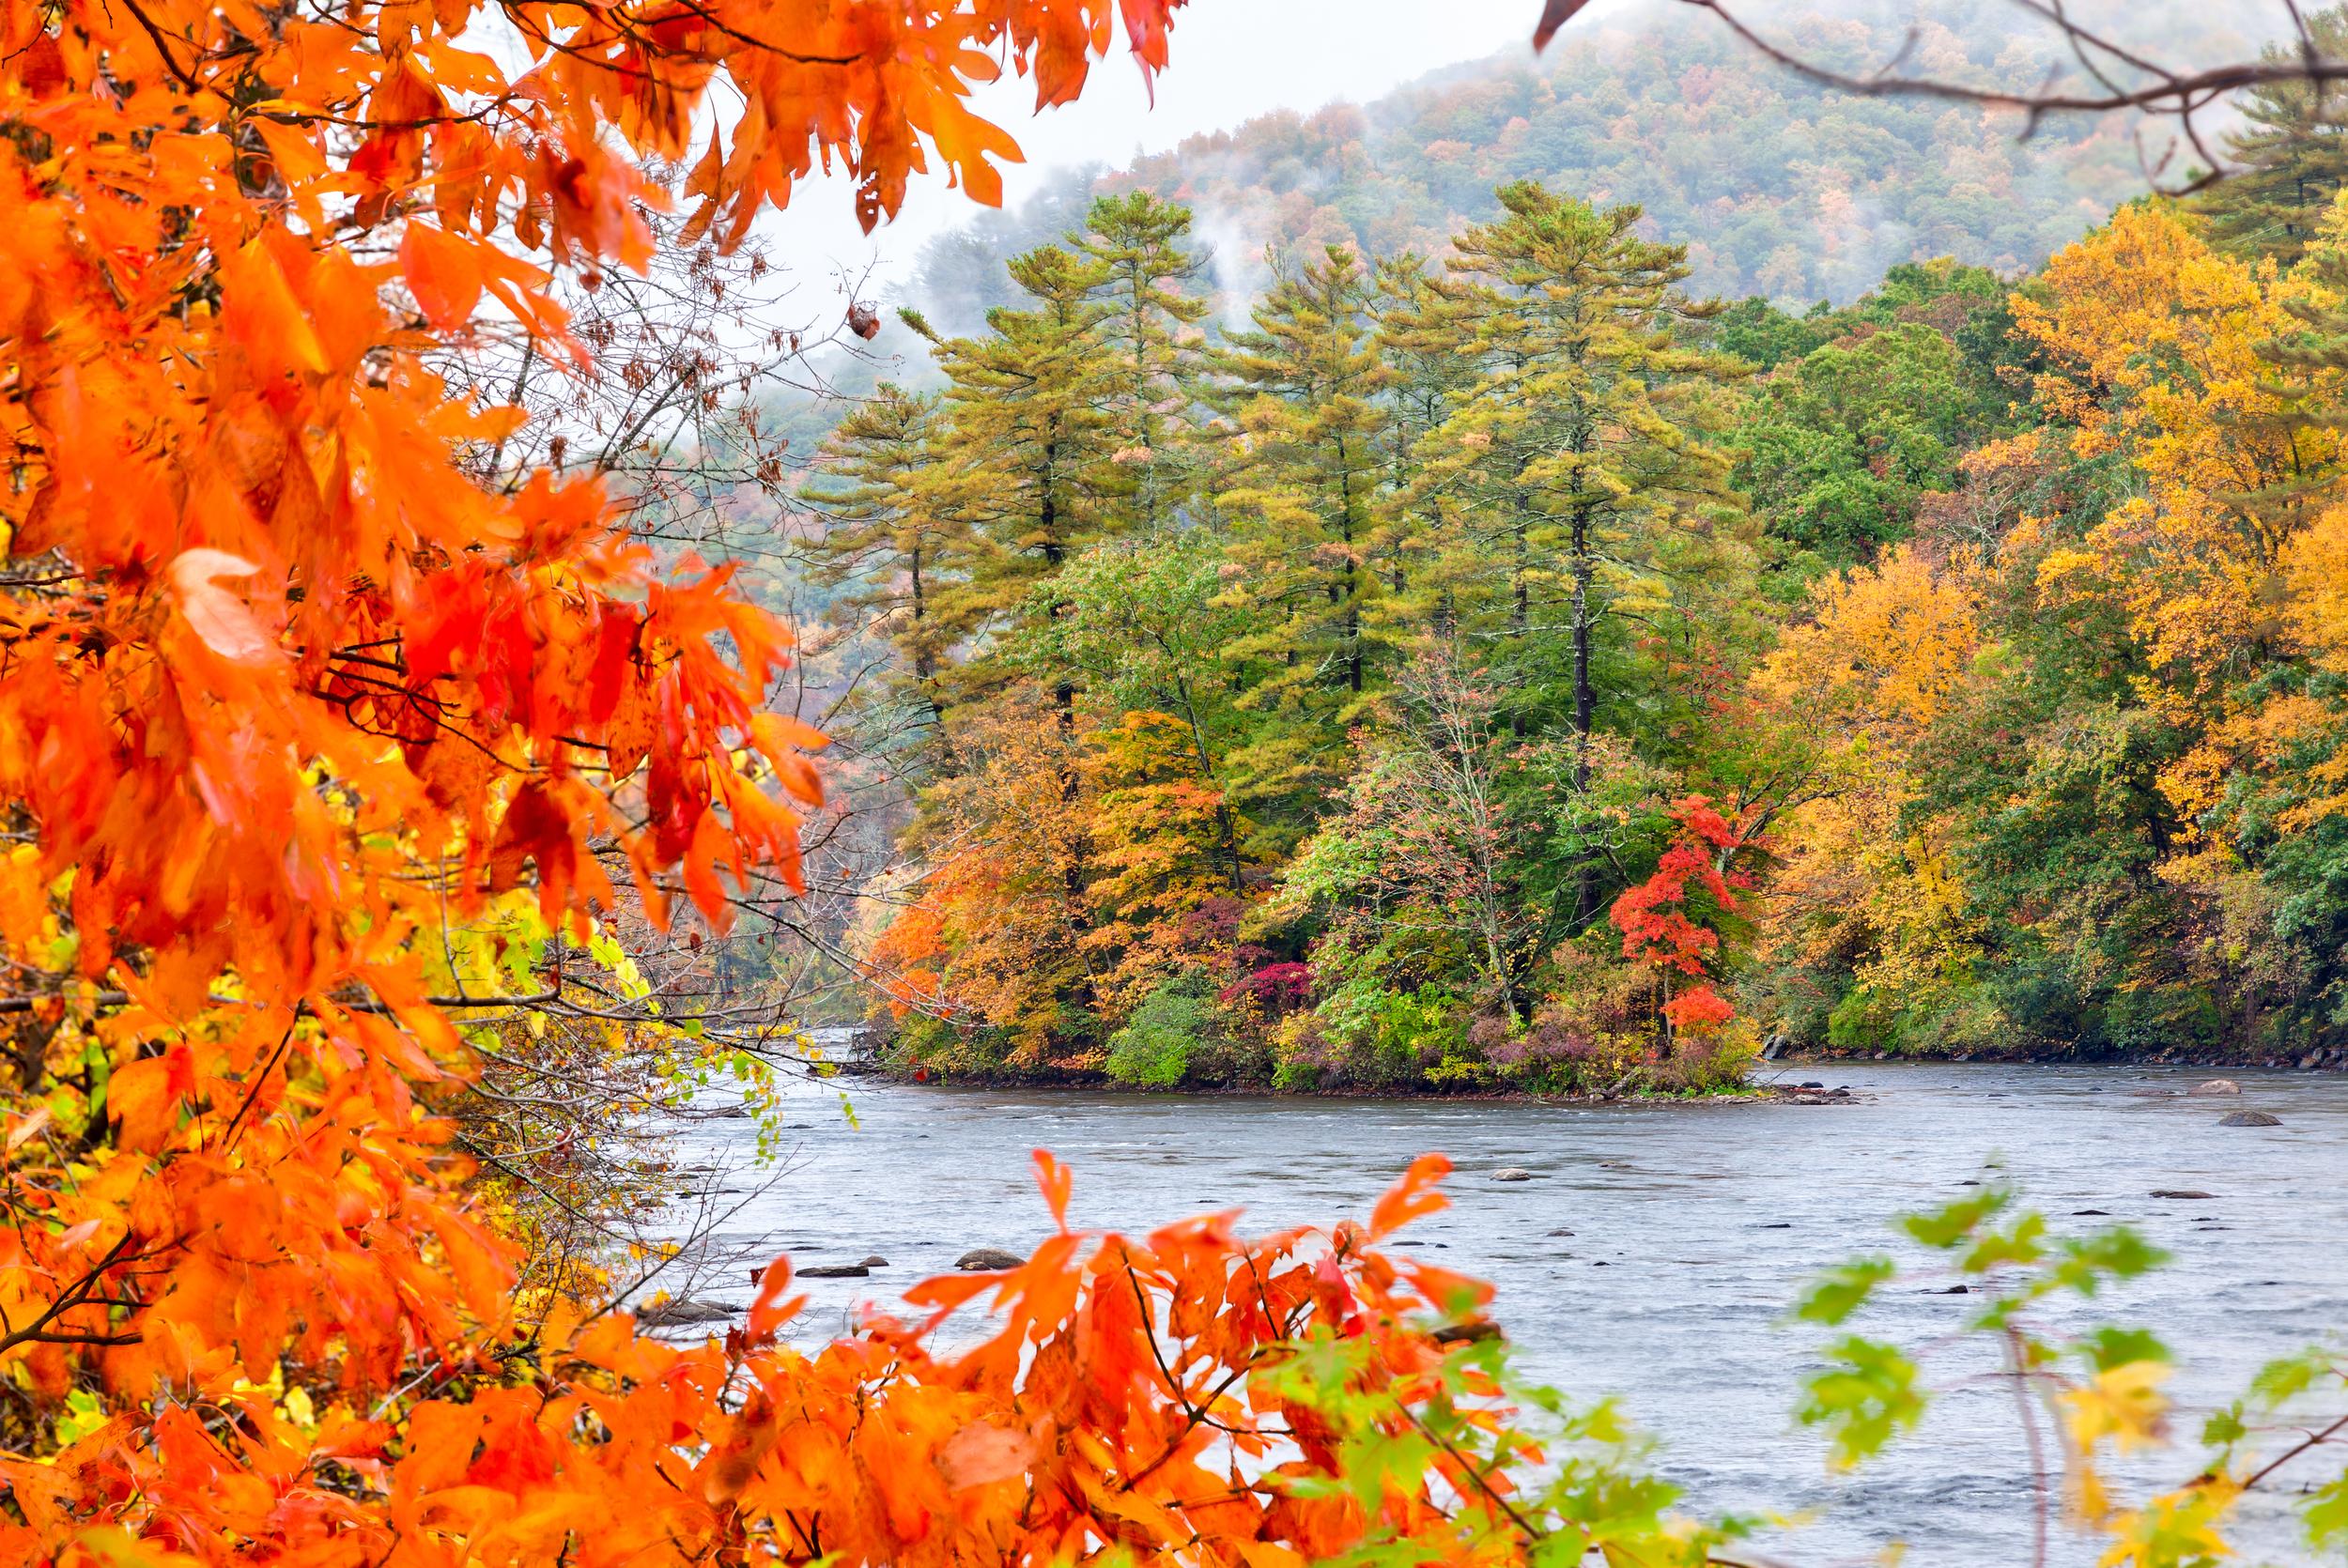 Autume Scenic River